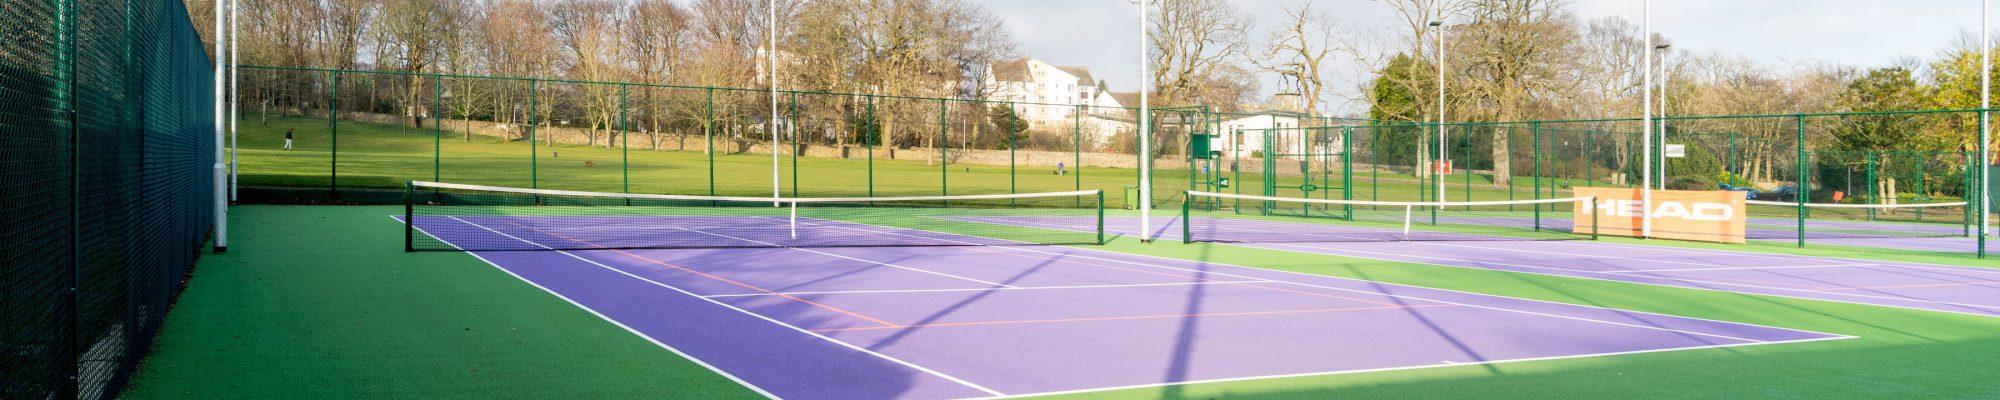 Aberdeen Tennis Centre